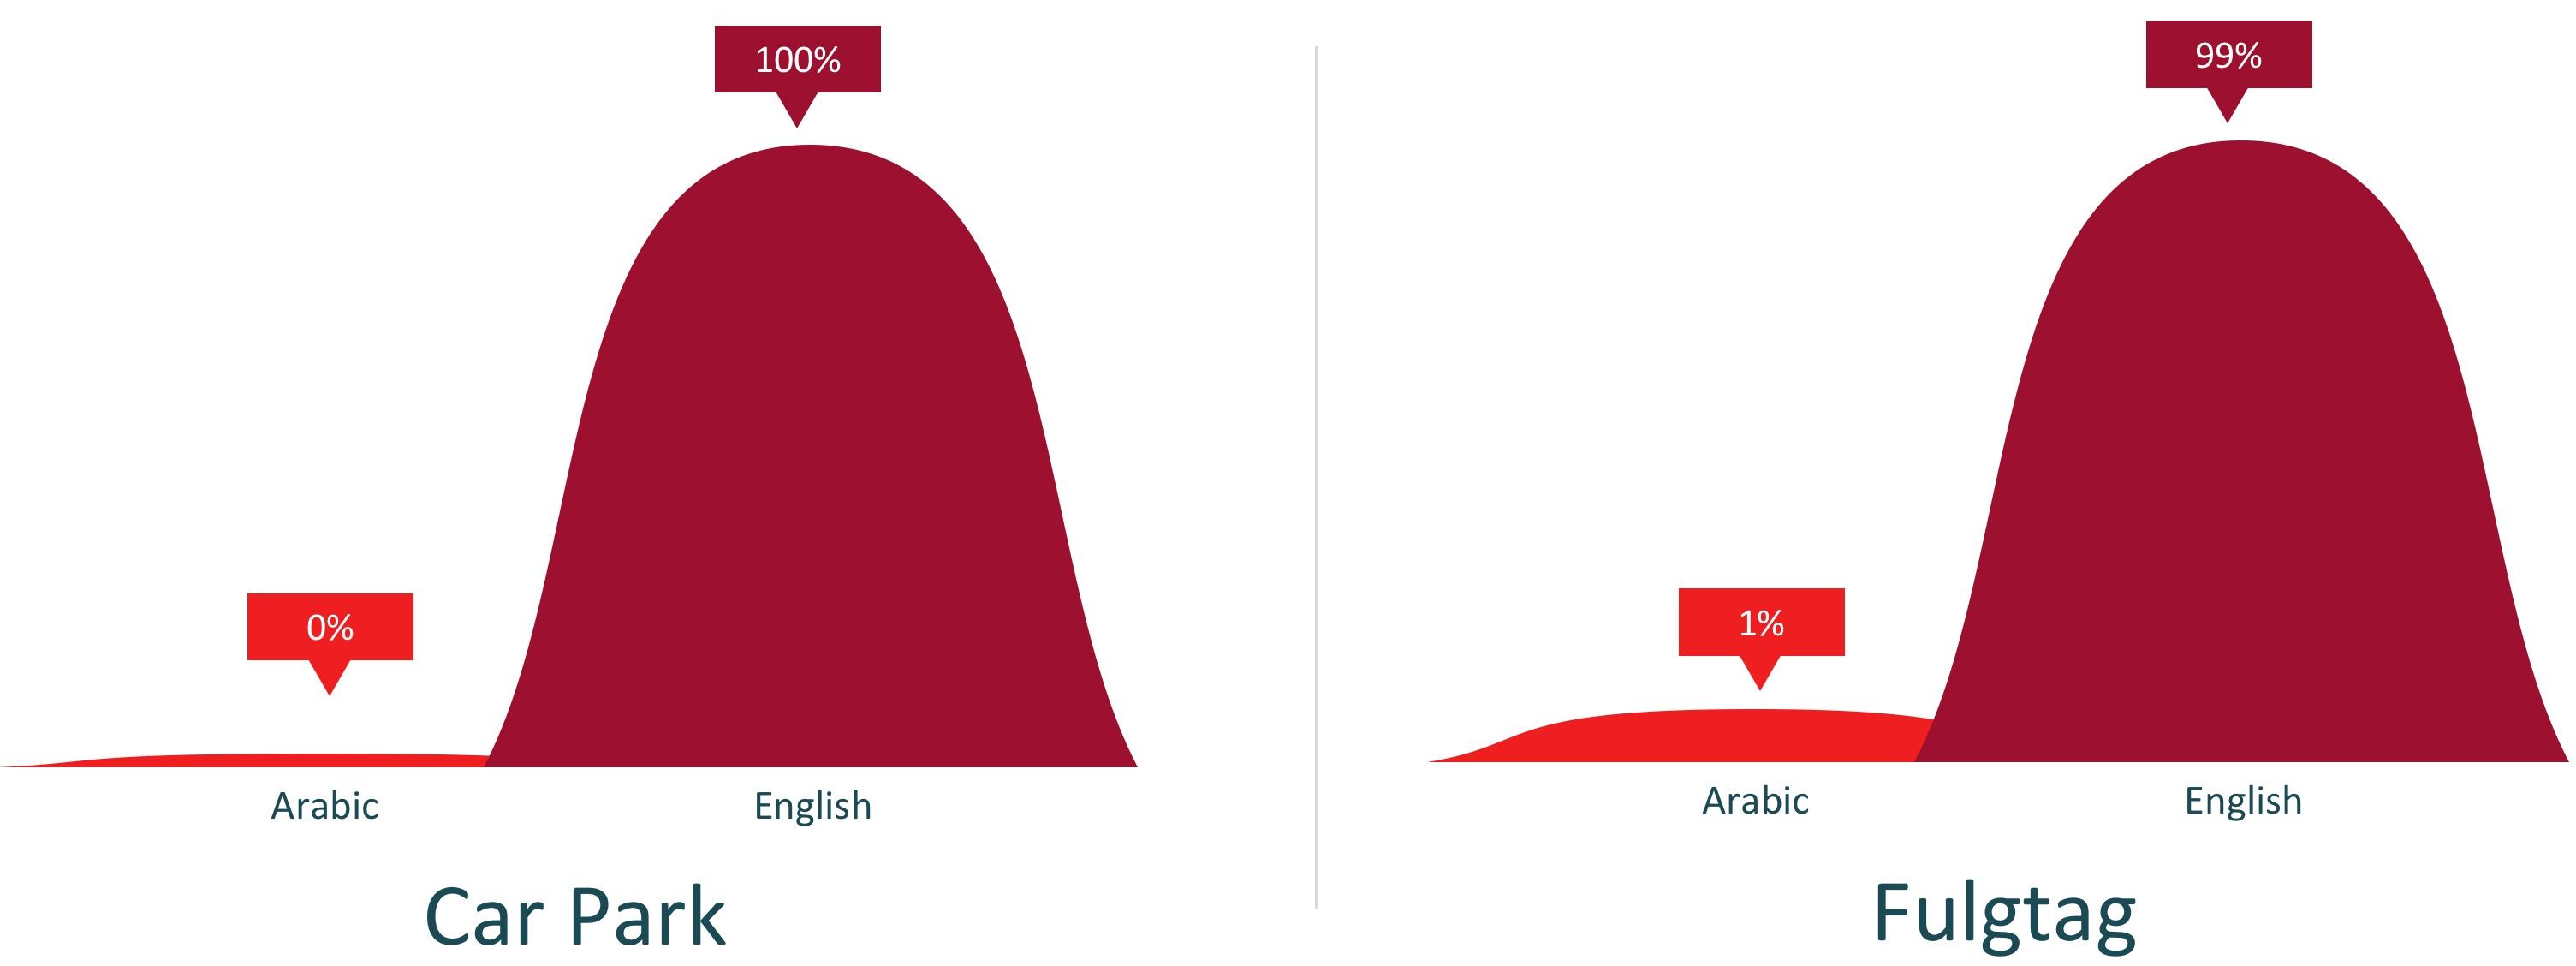 Language-Analysis